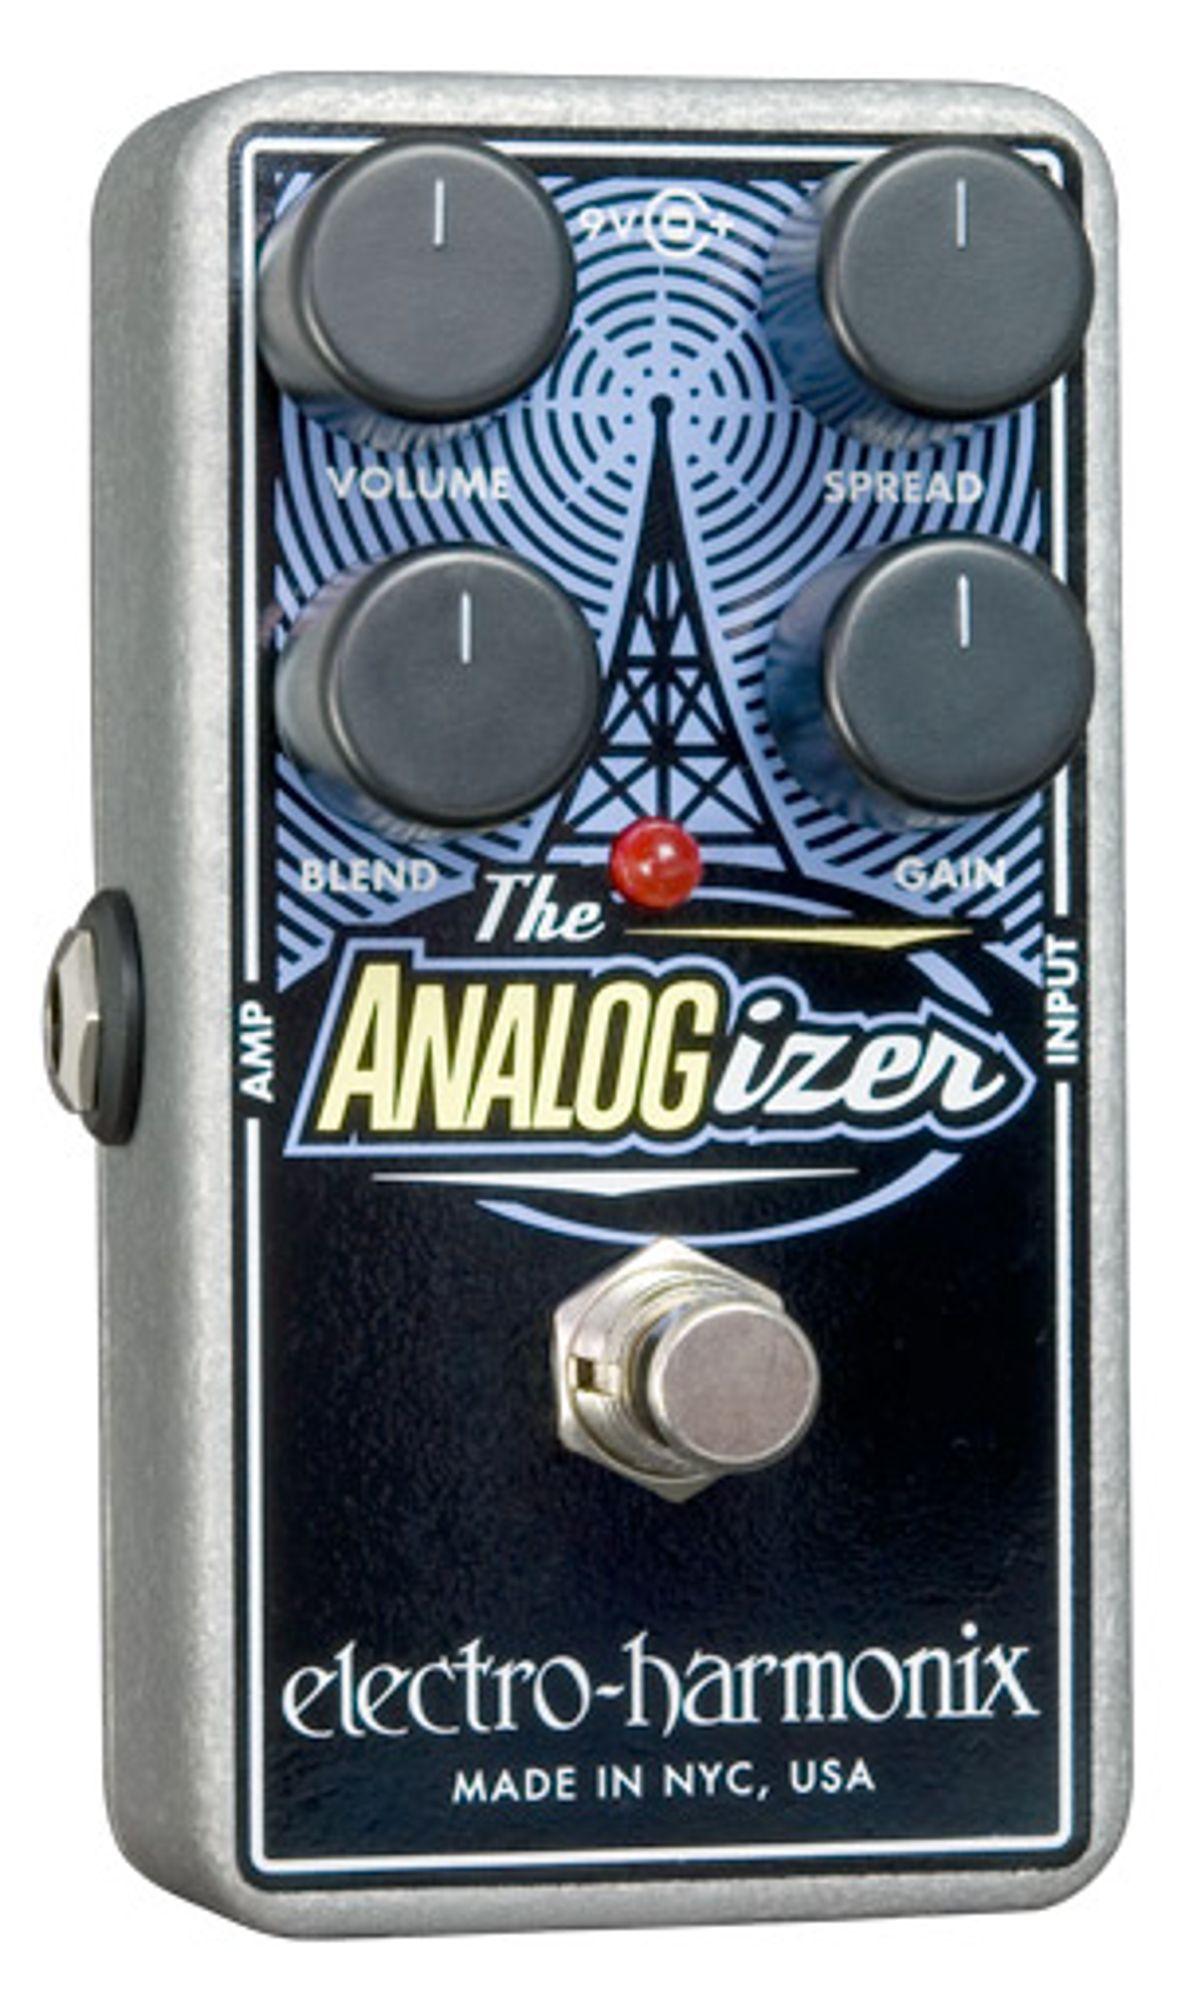 Electro-Harmonix Analogizer Pedal Review